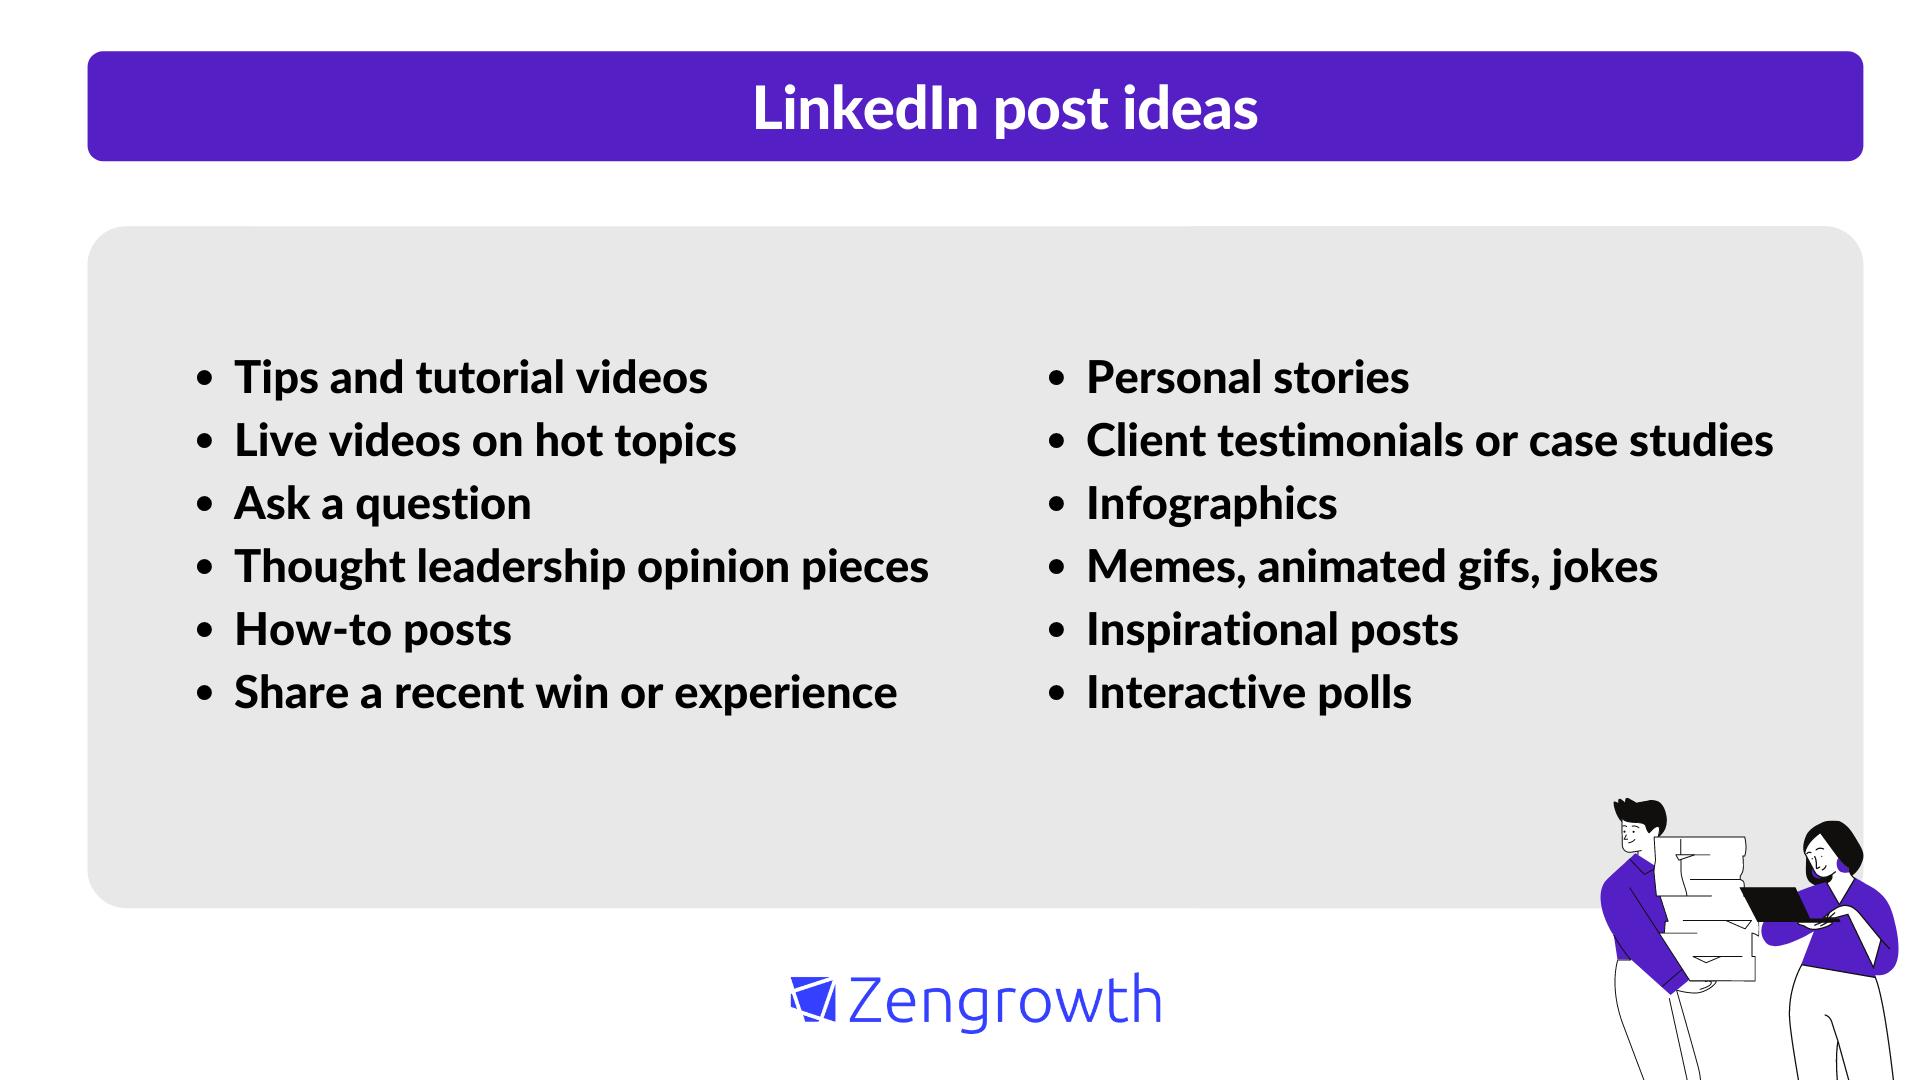 B2B Linkedin content ideas